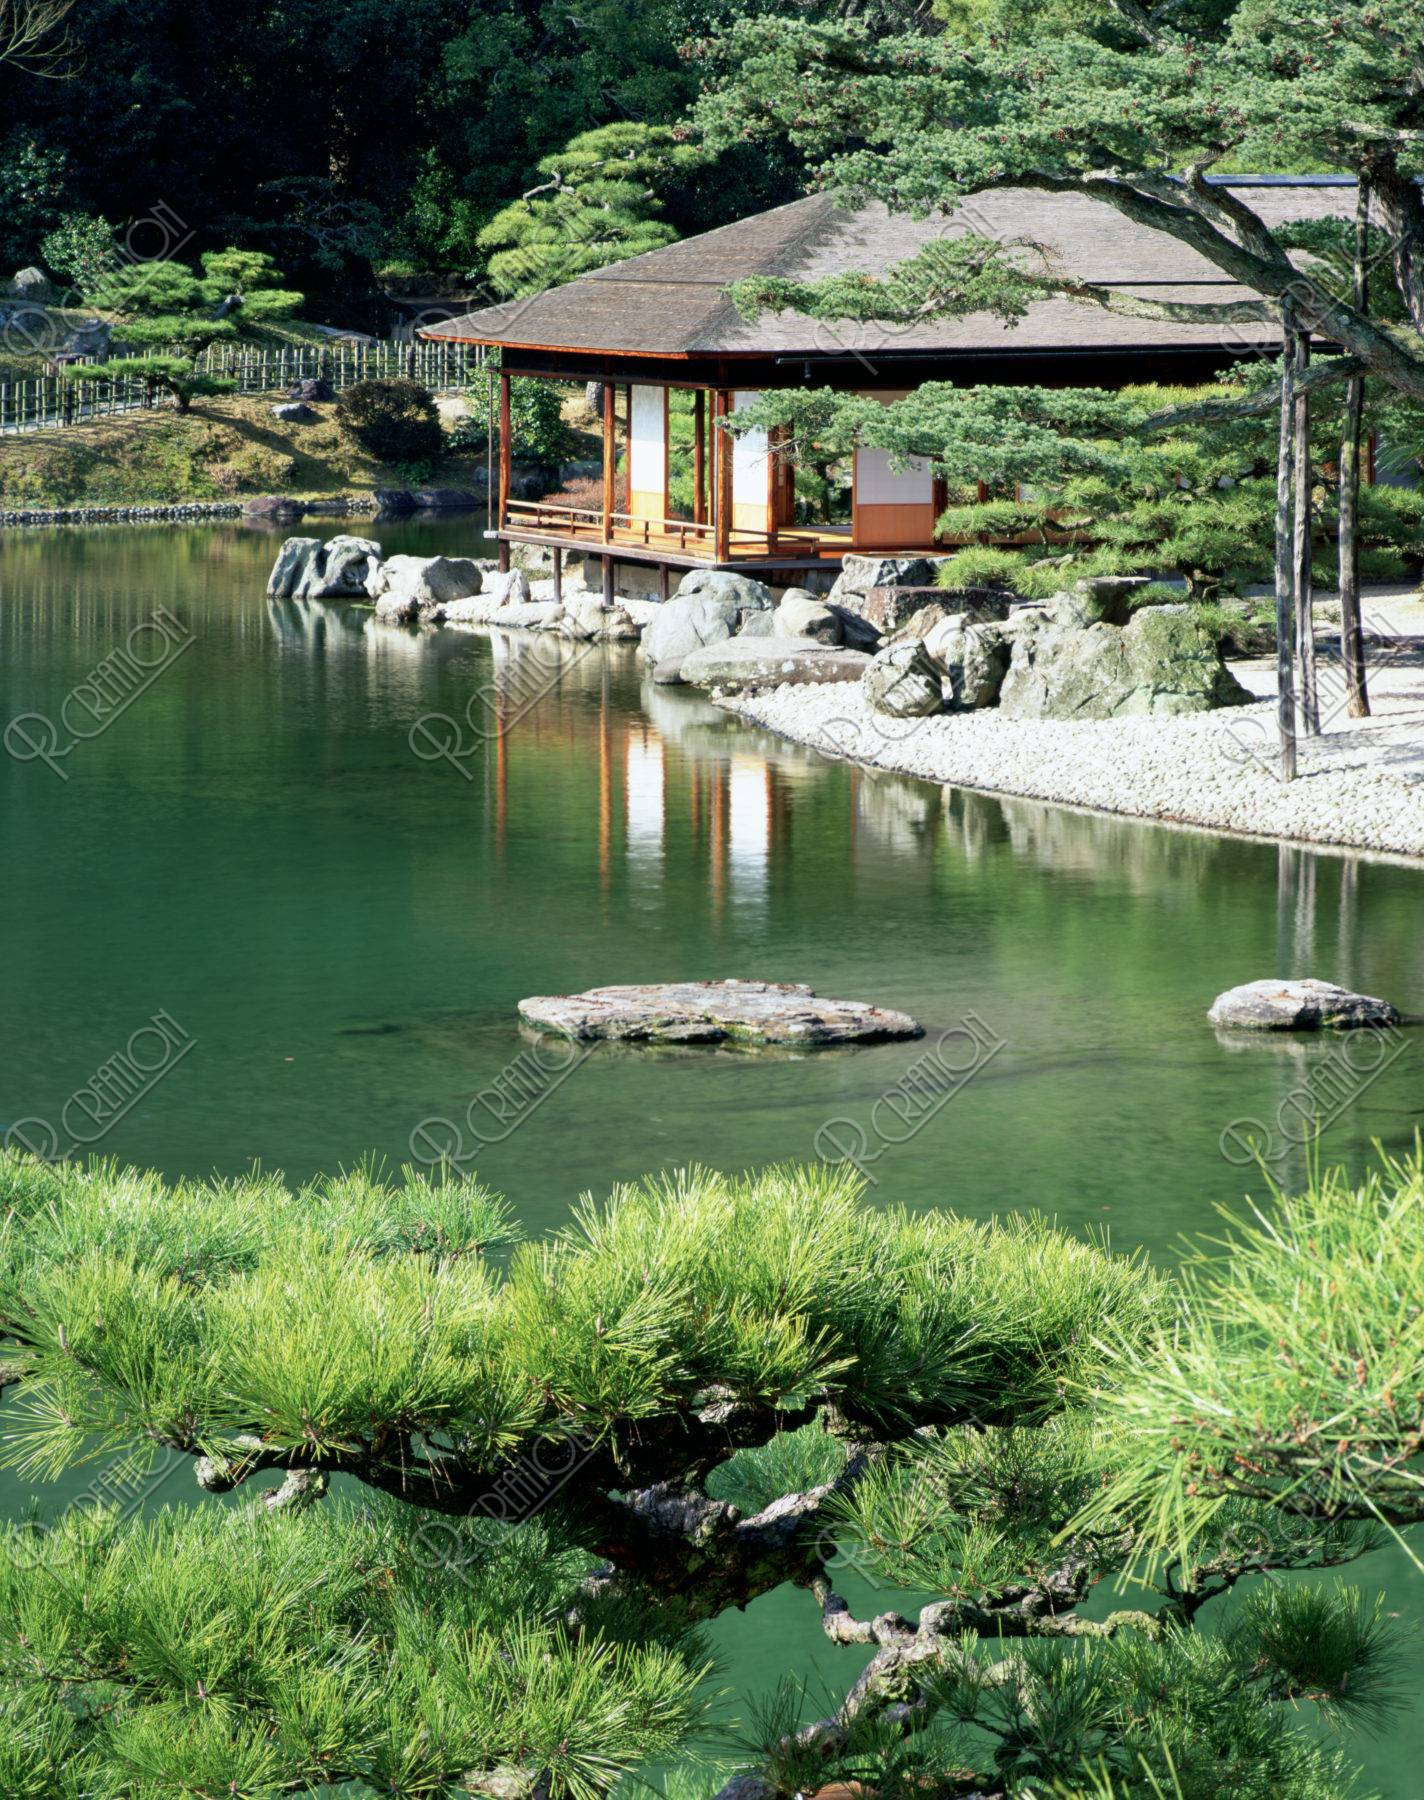 栗林公園 掬月亭 松 茶席 池 数寄屋造り 庭園